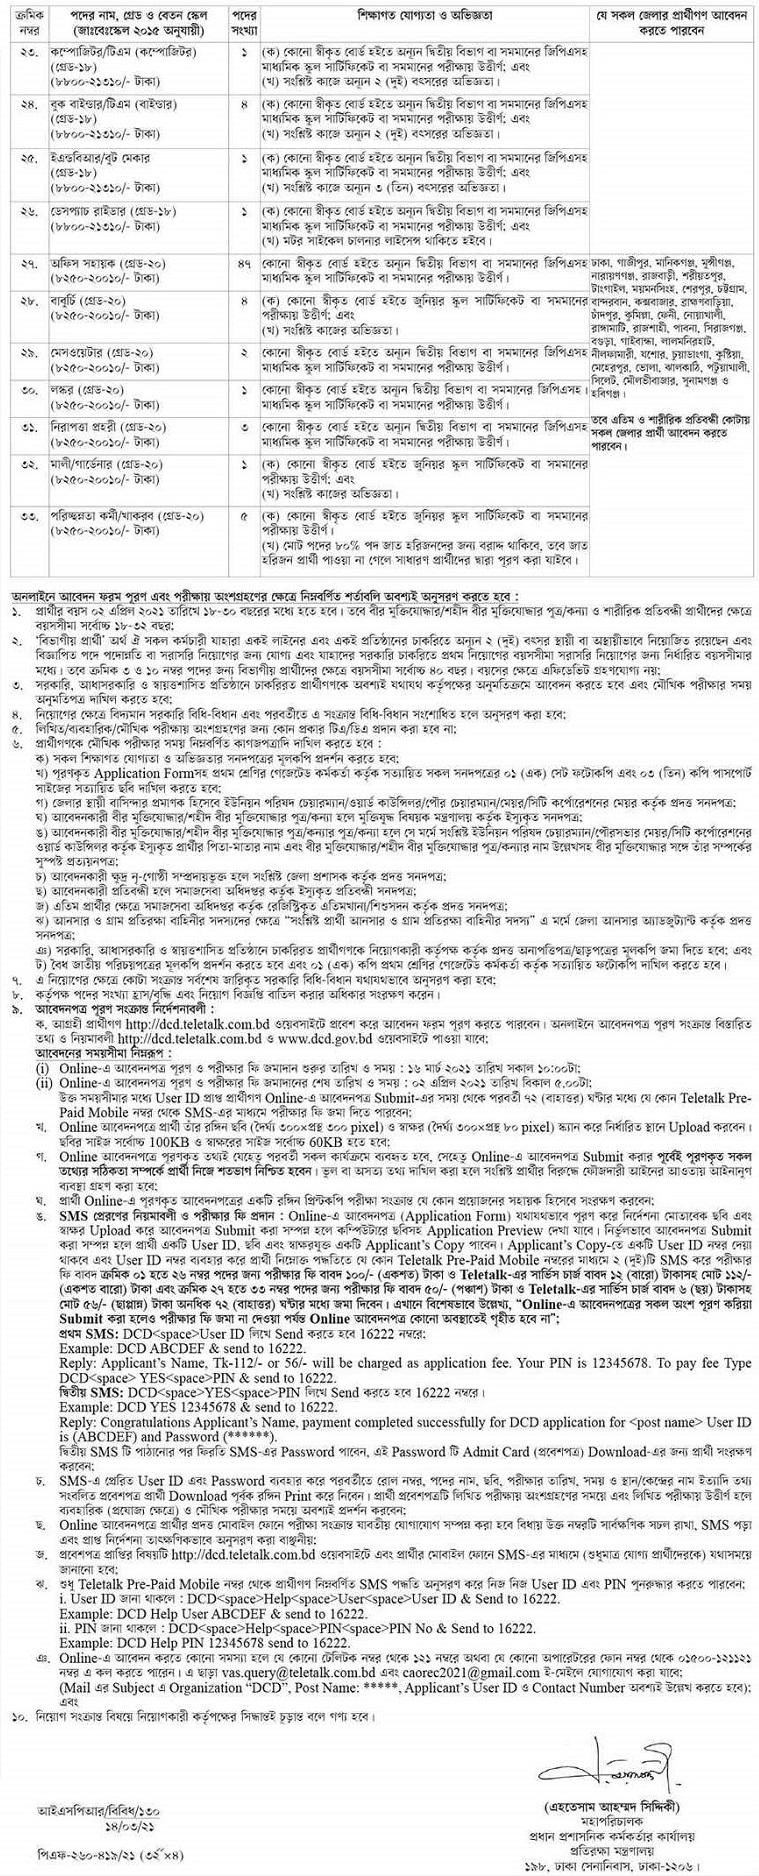 Ministry of Defence (MoD) Job Circular 02 April 2021